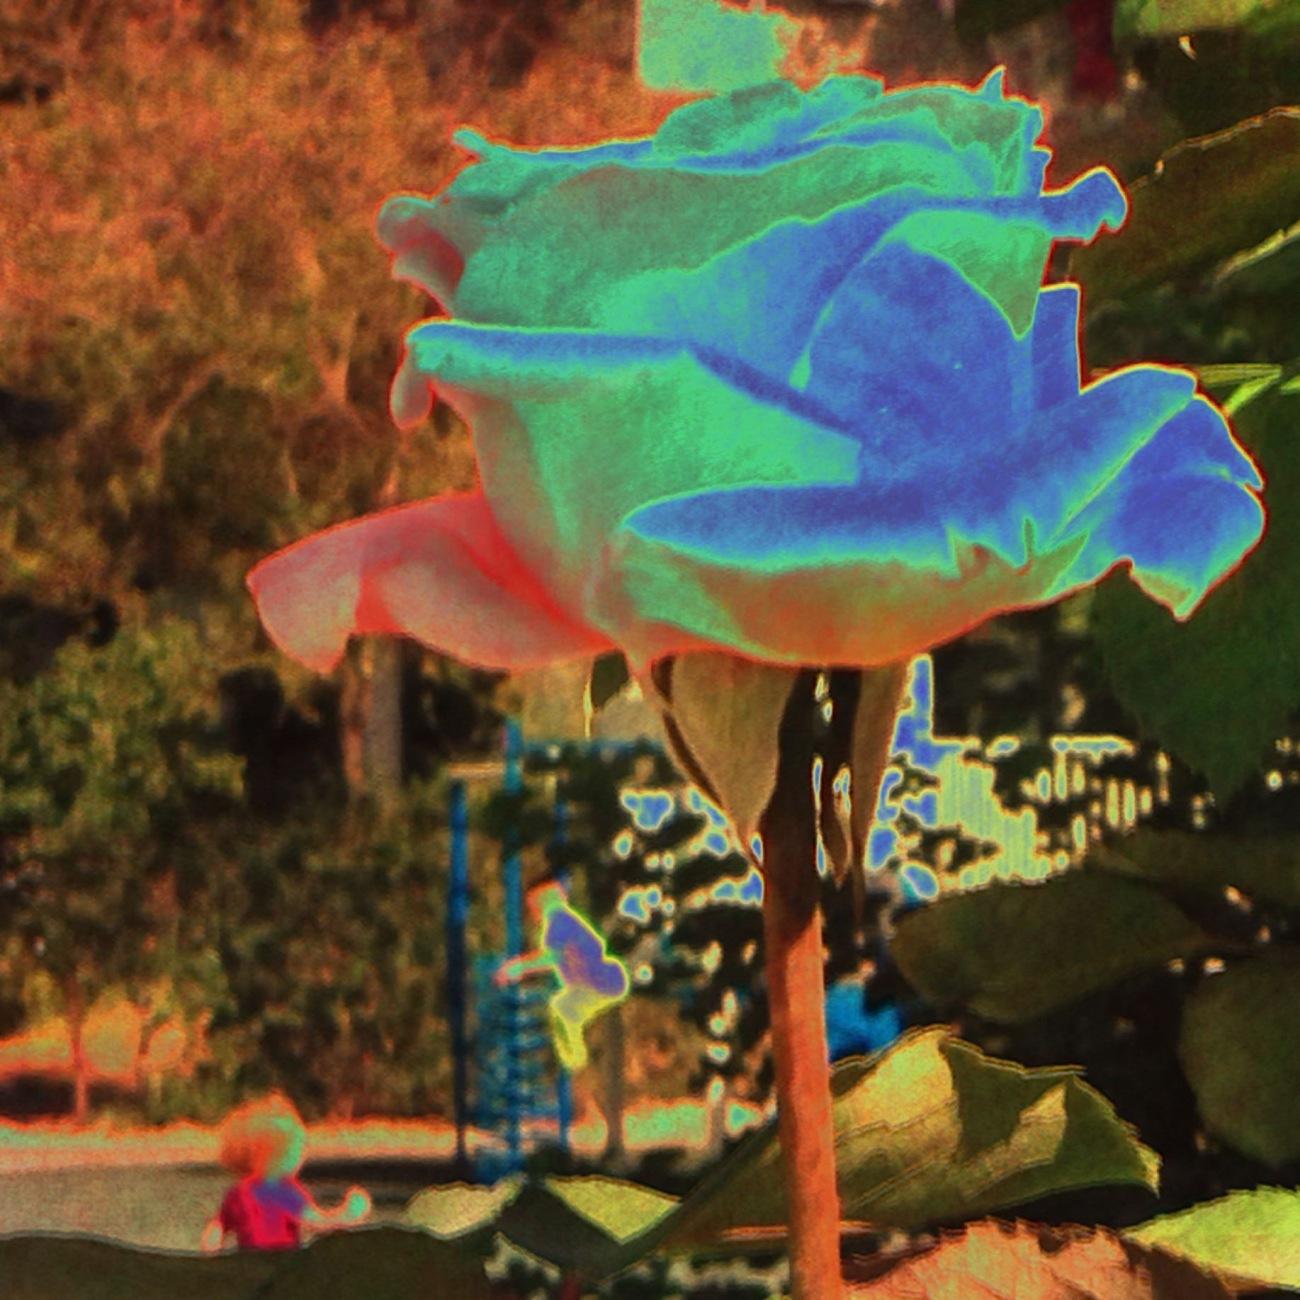 Rose art Digital art ©2015 Michael Dickel